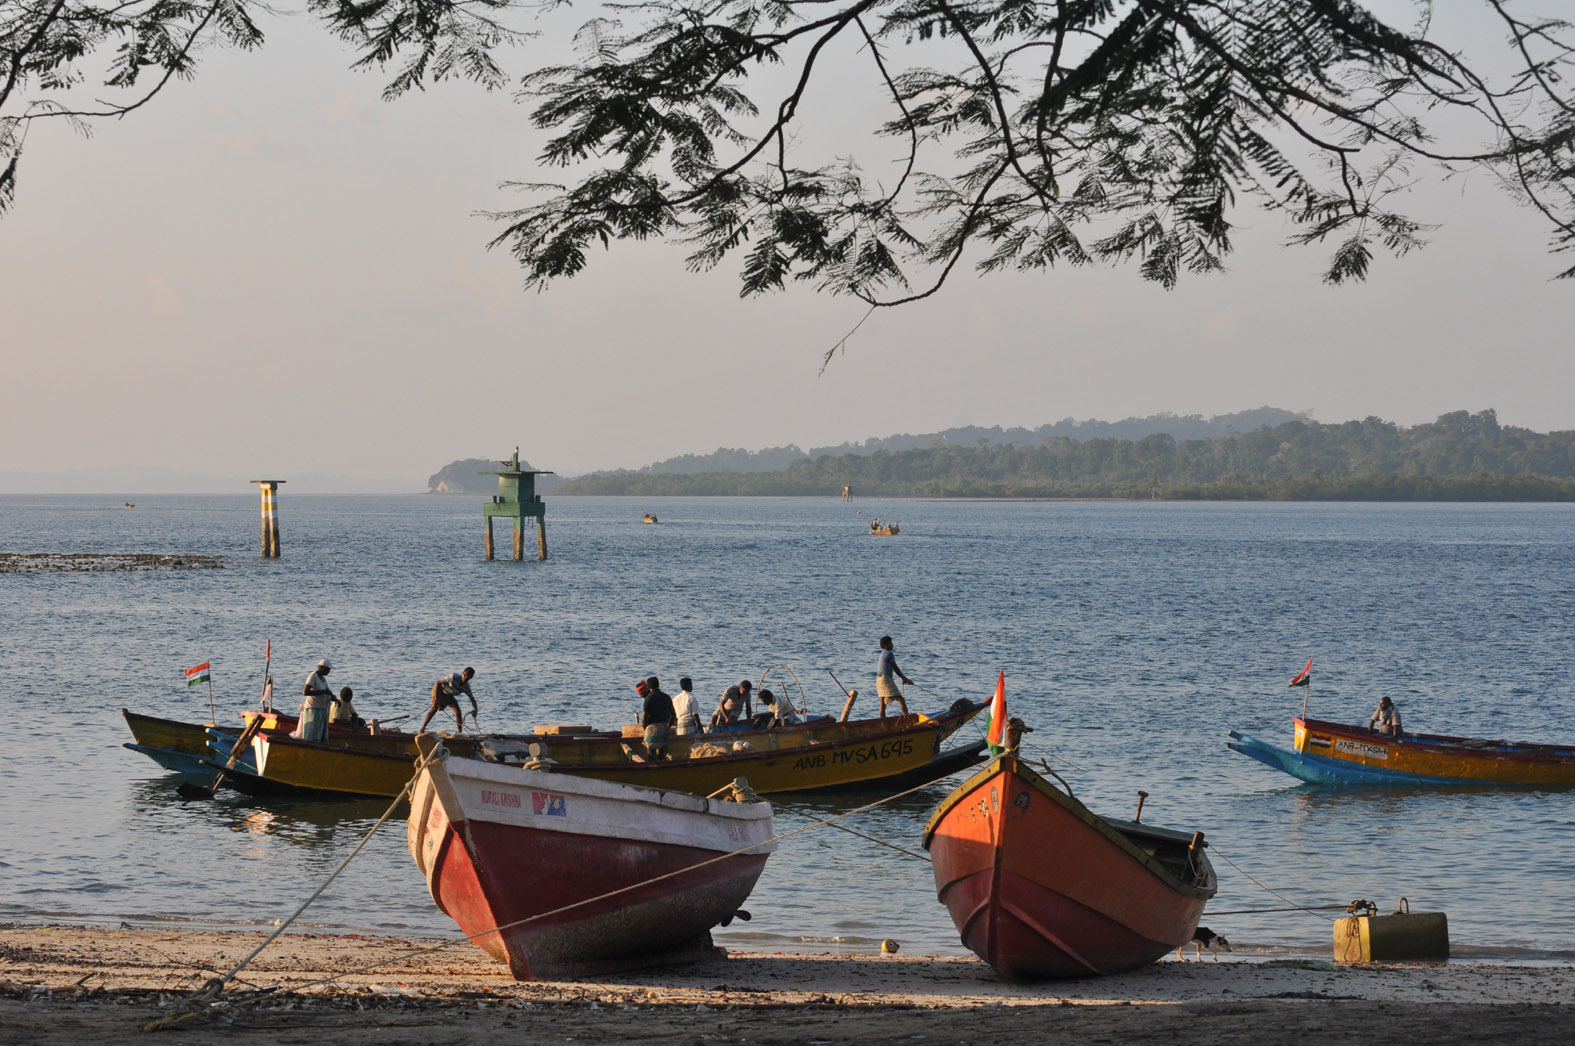 foto van vissersboten aan de kant en in het water met vergezicht naar land aan overkant